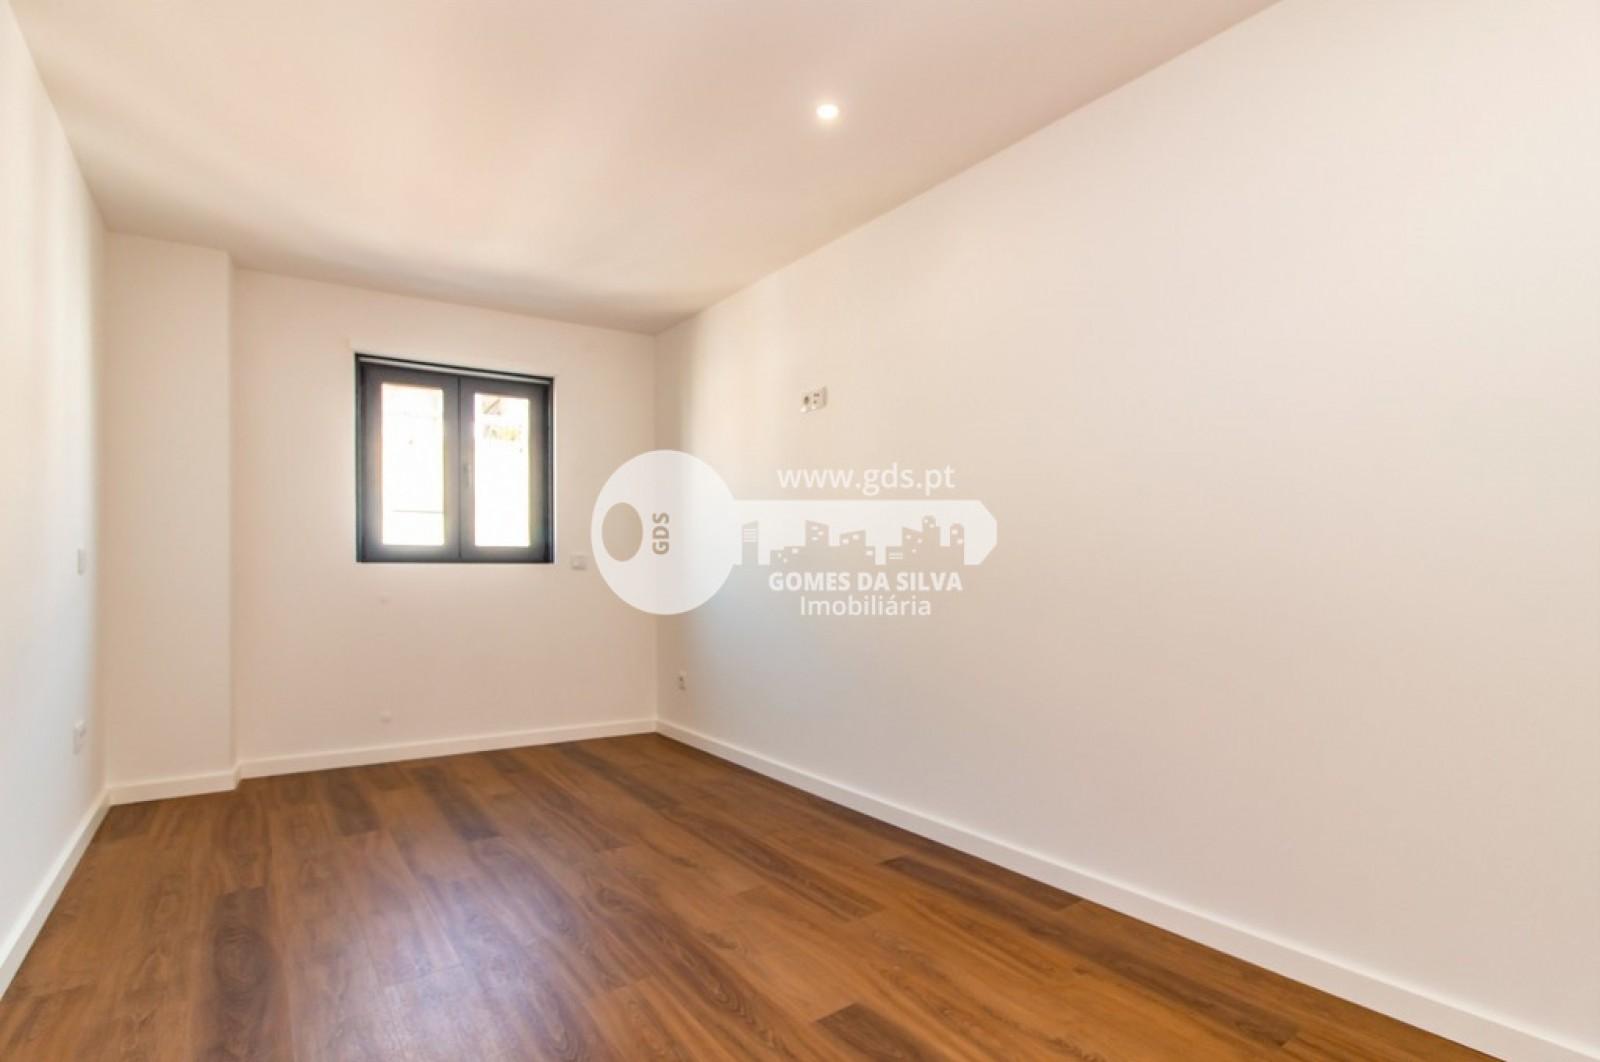 Apartamento T3 para Venda em São Vicente, Braga, Braga - Imagem 25